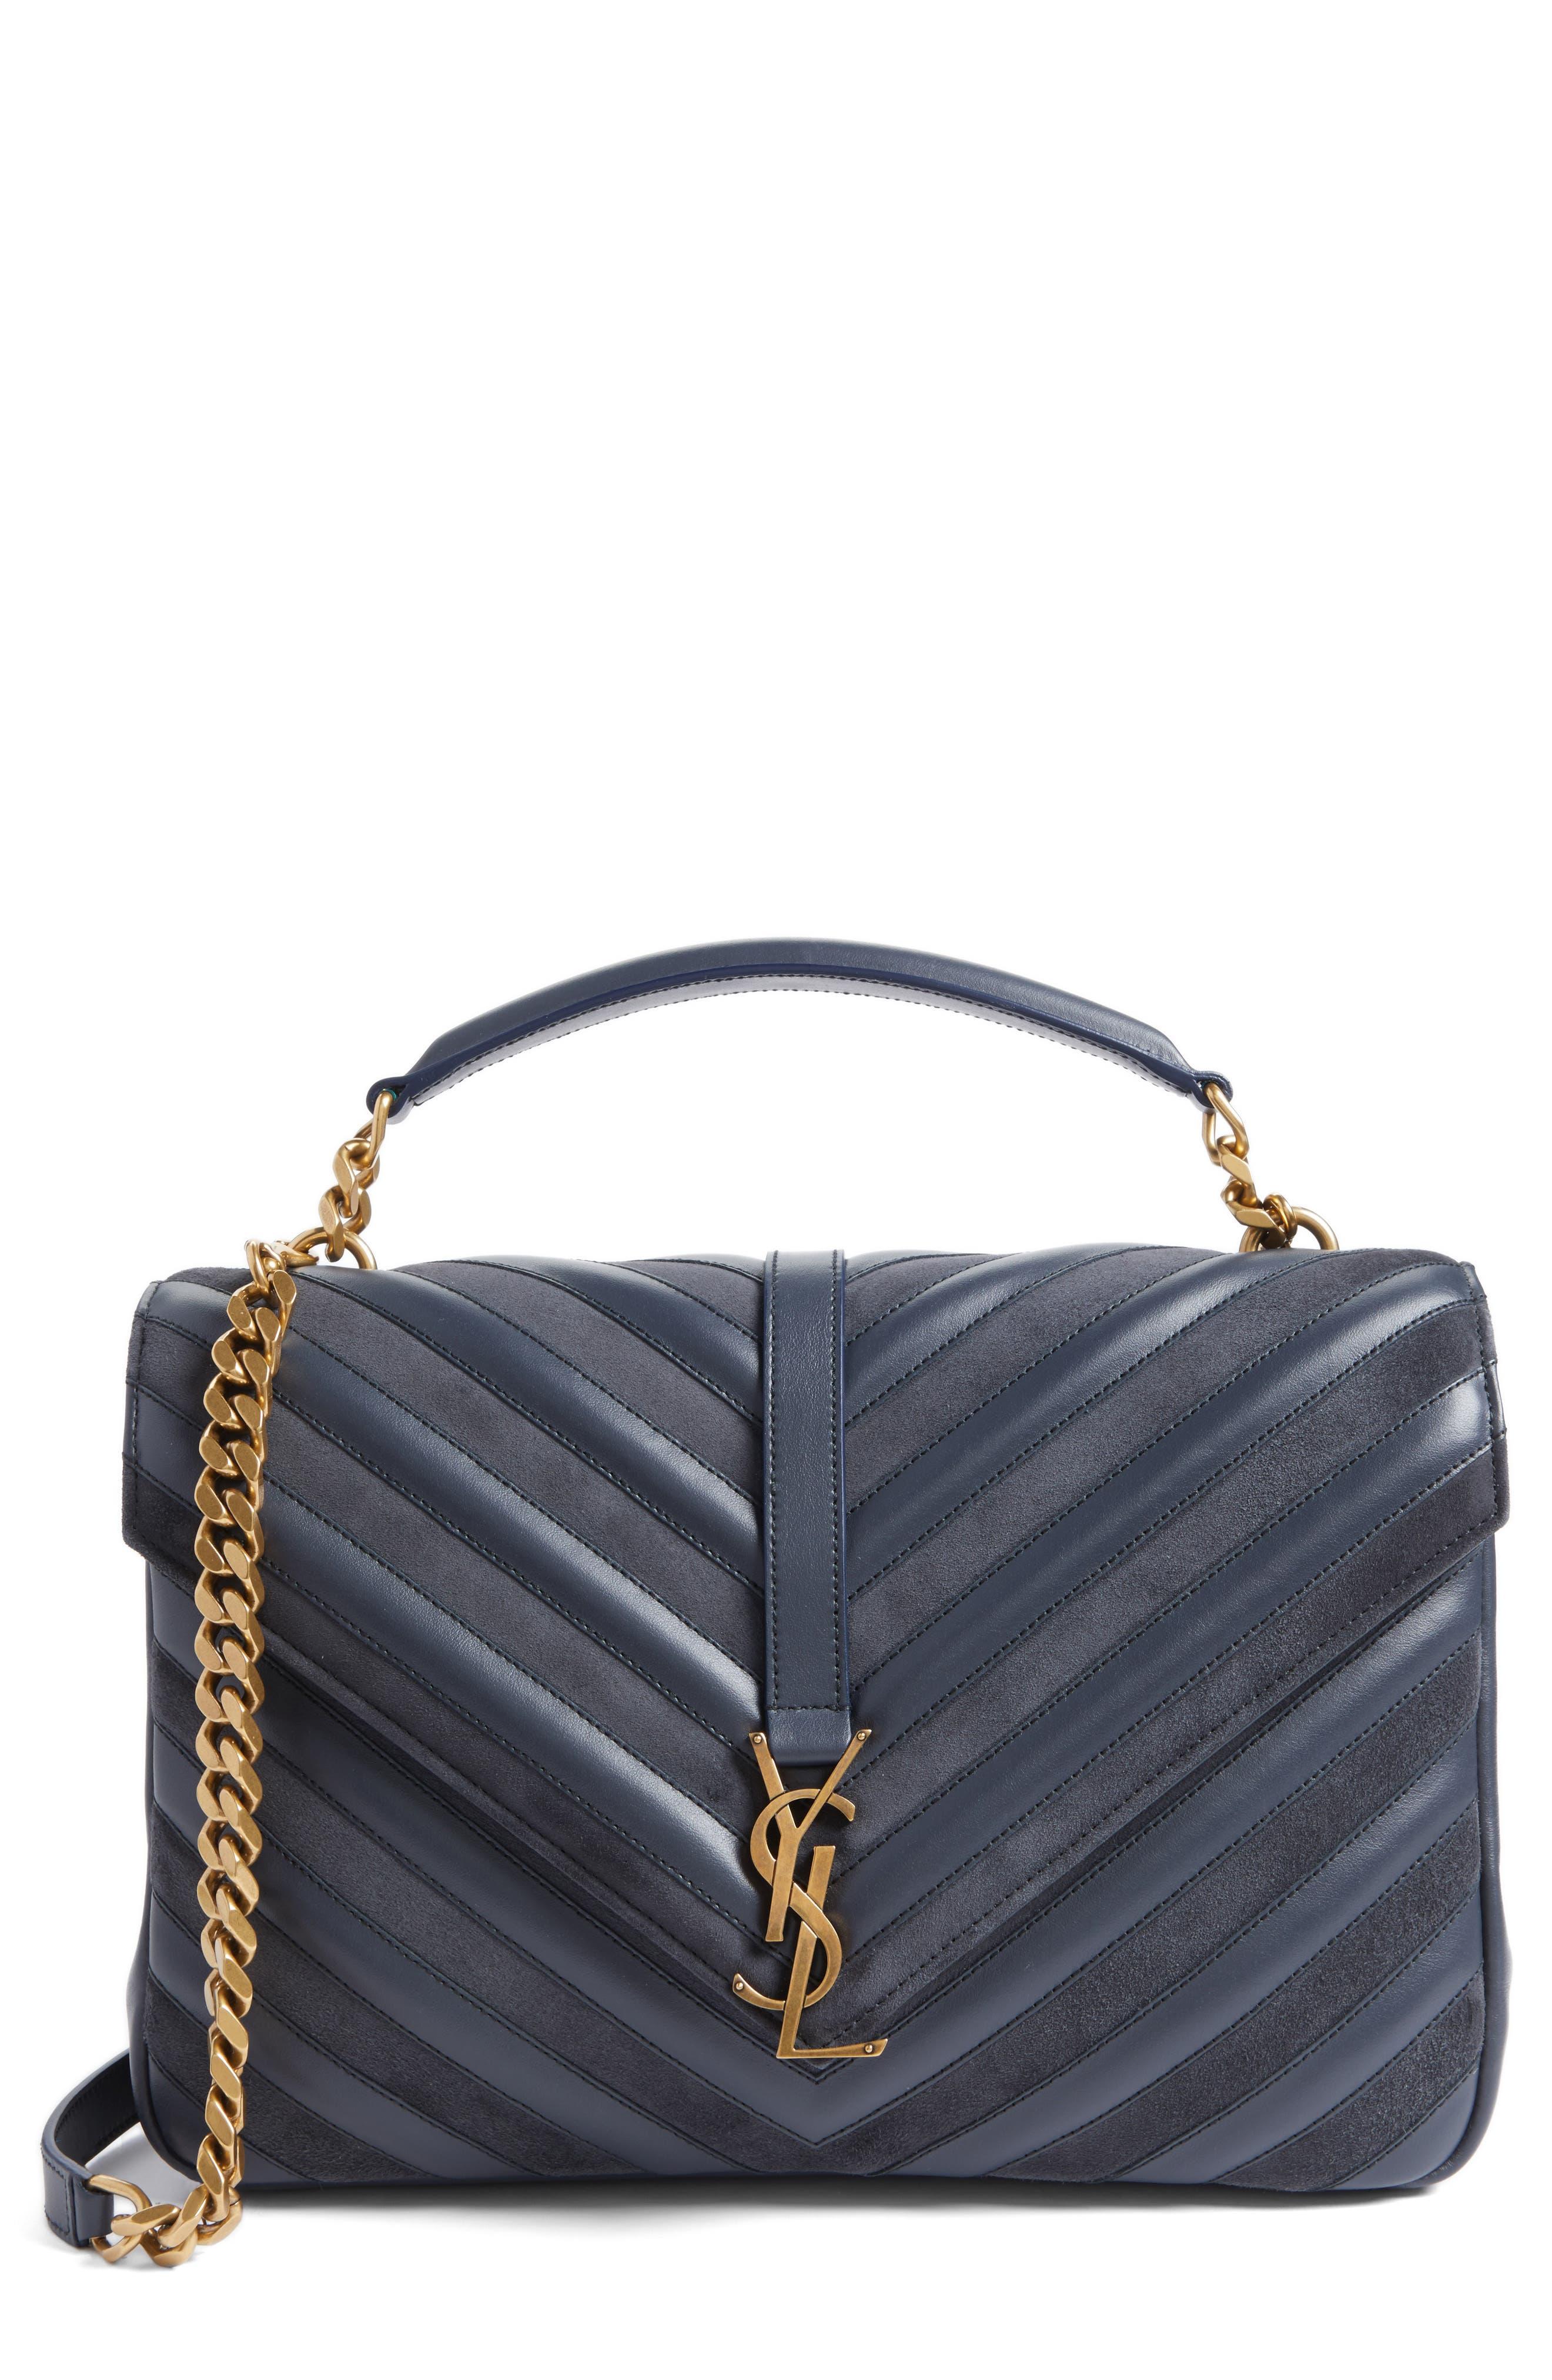 Medium College Patchwork Suede & Leather Shoulder Bag,                         Main,                         color, 020